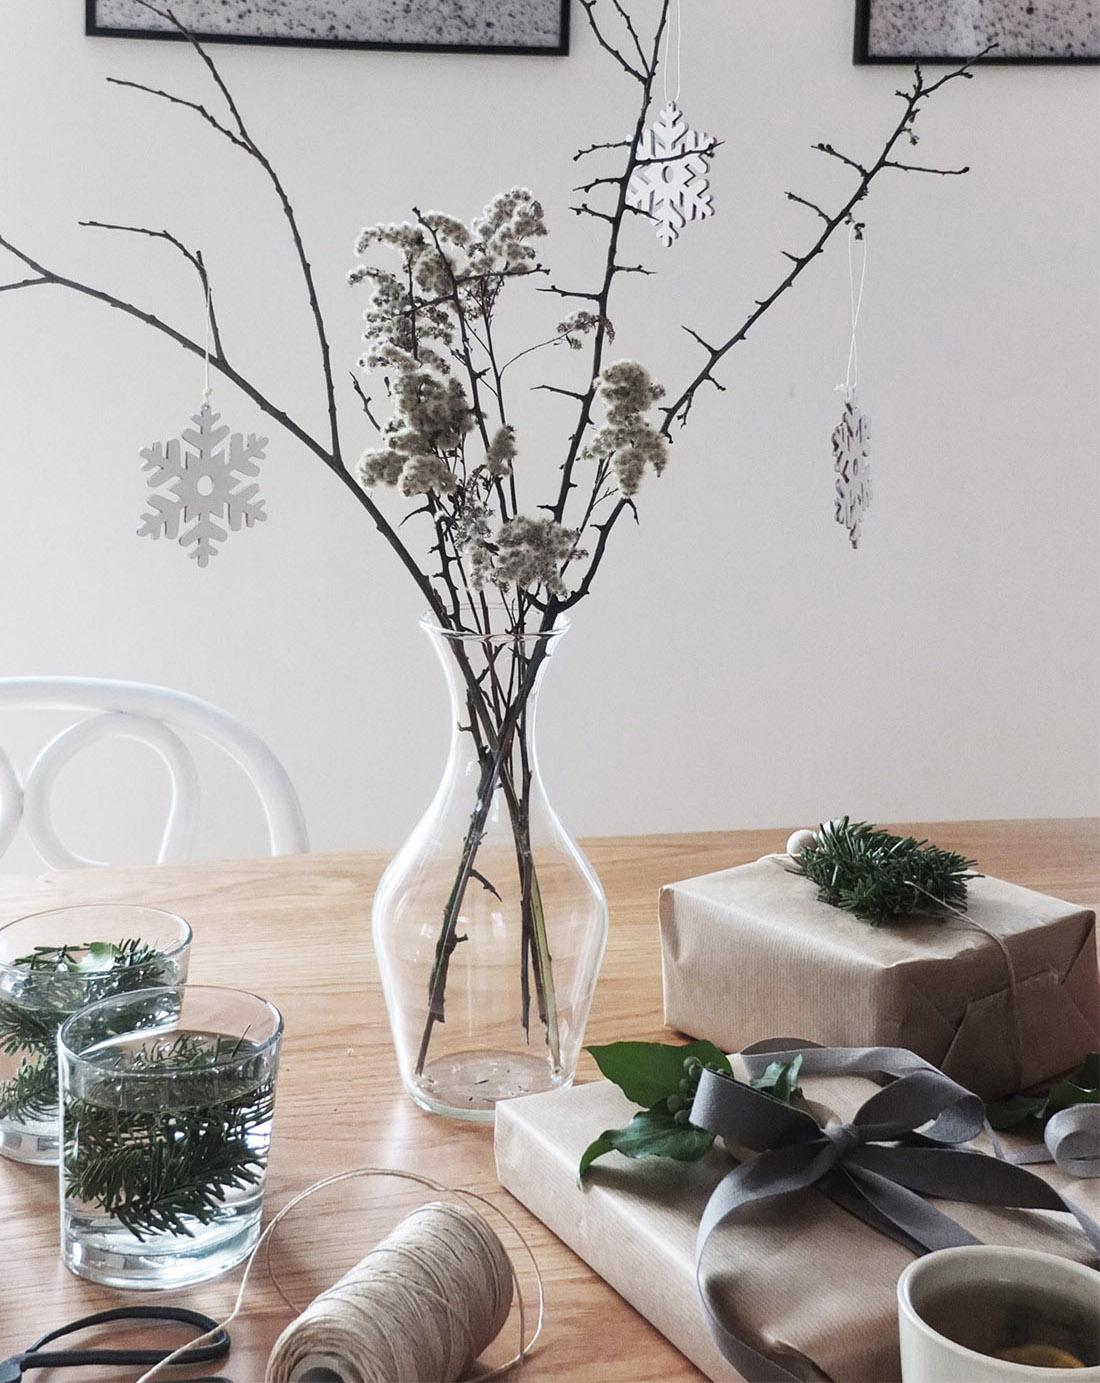 świąteczne dekoracje, bożenarodzenie, zima